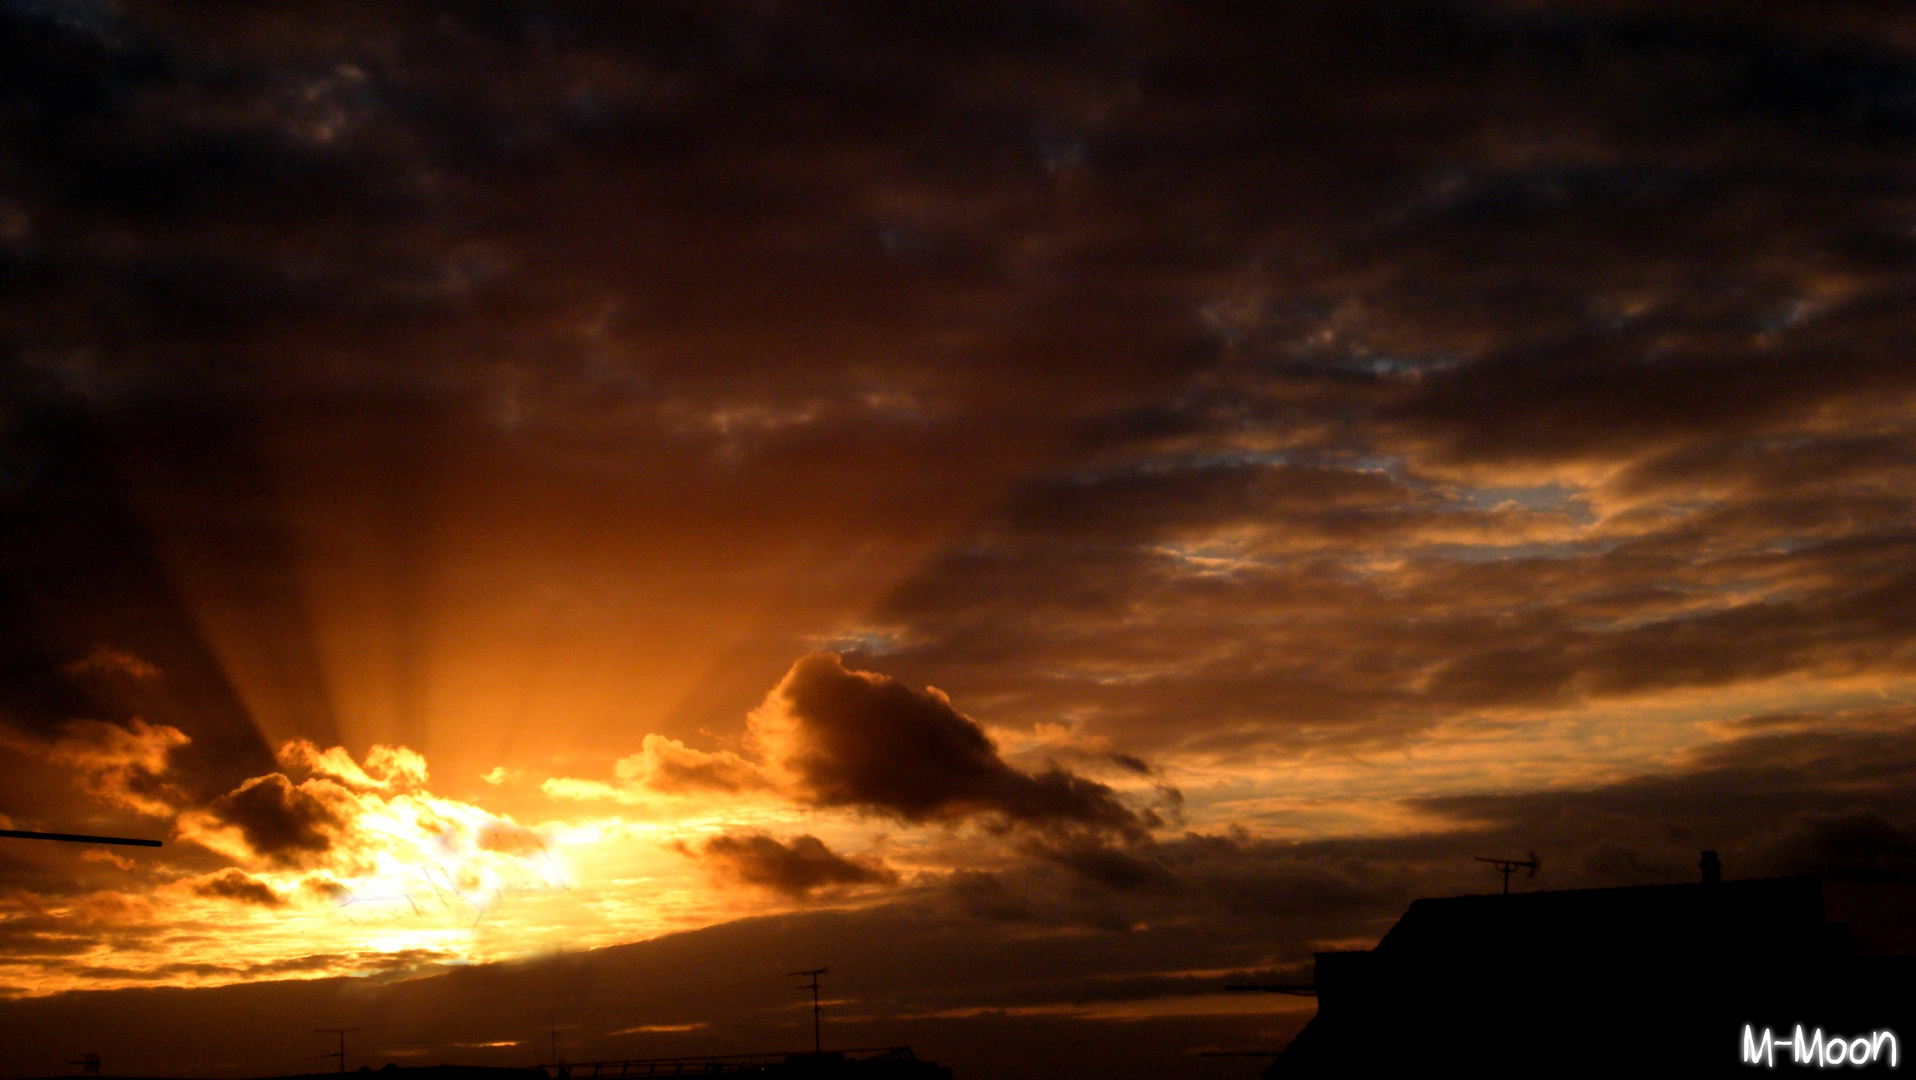 Expiring Sunset.